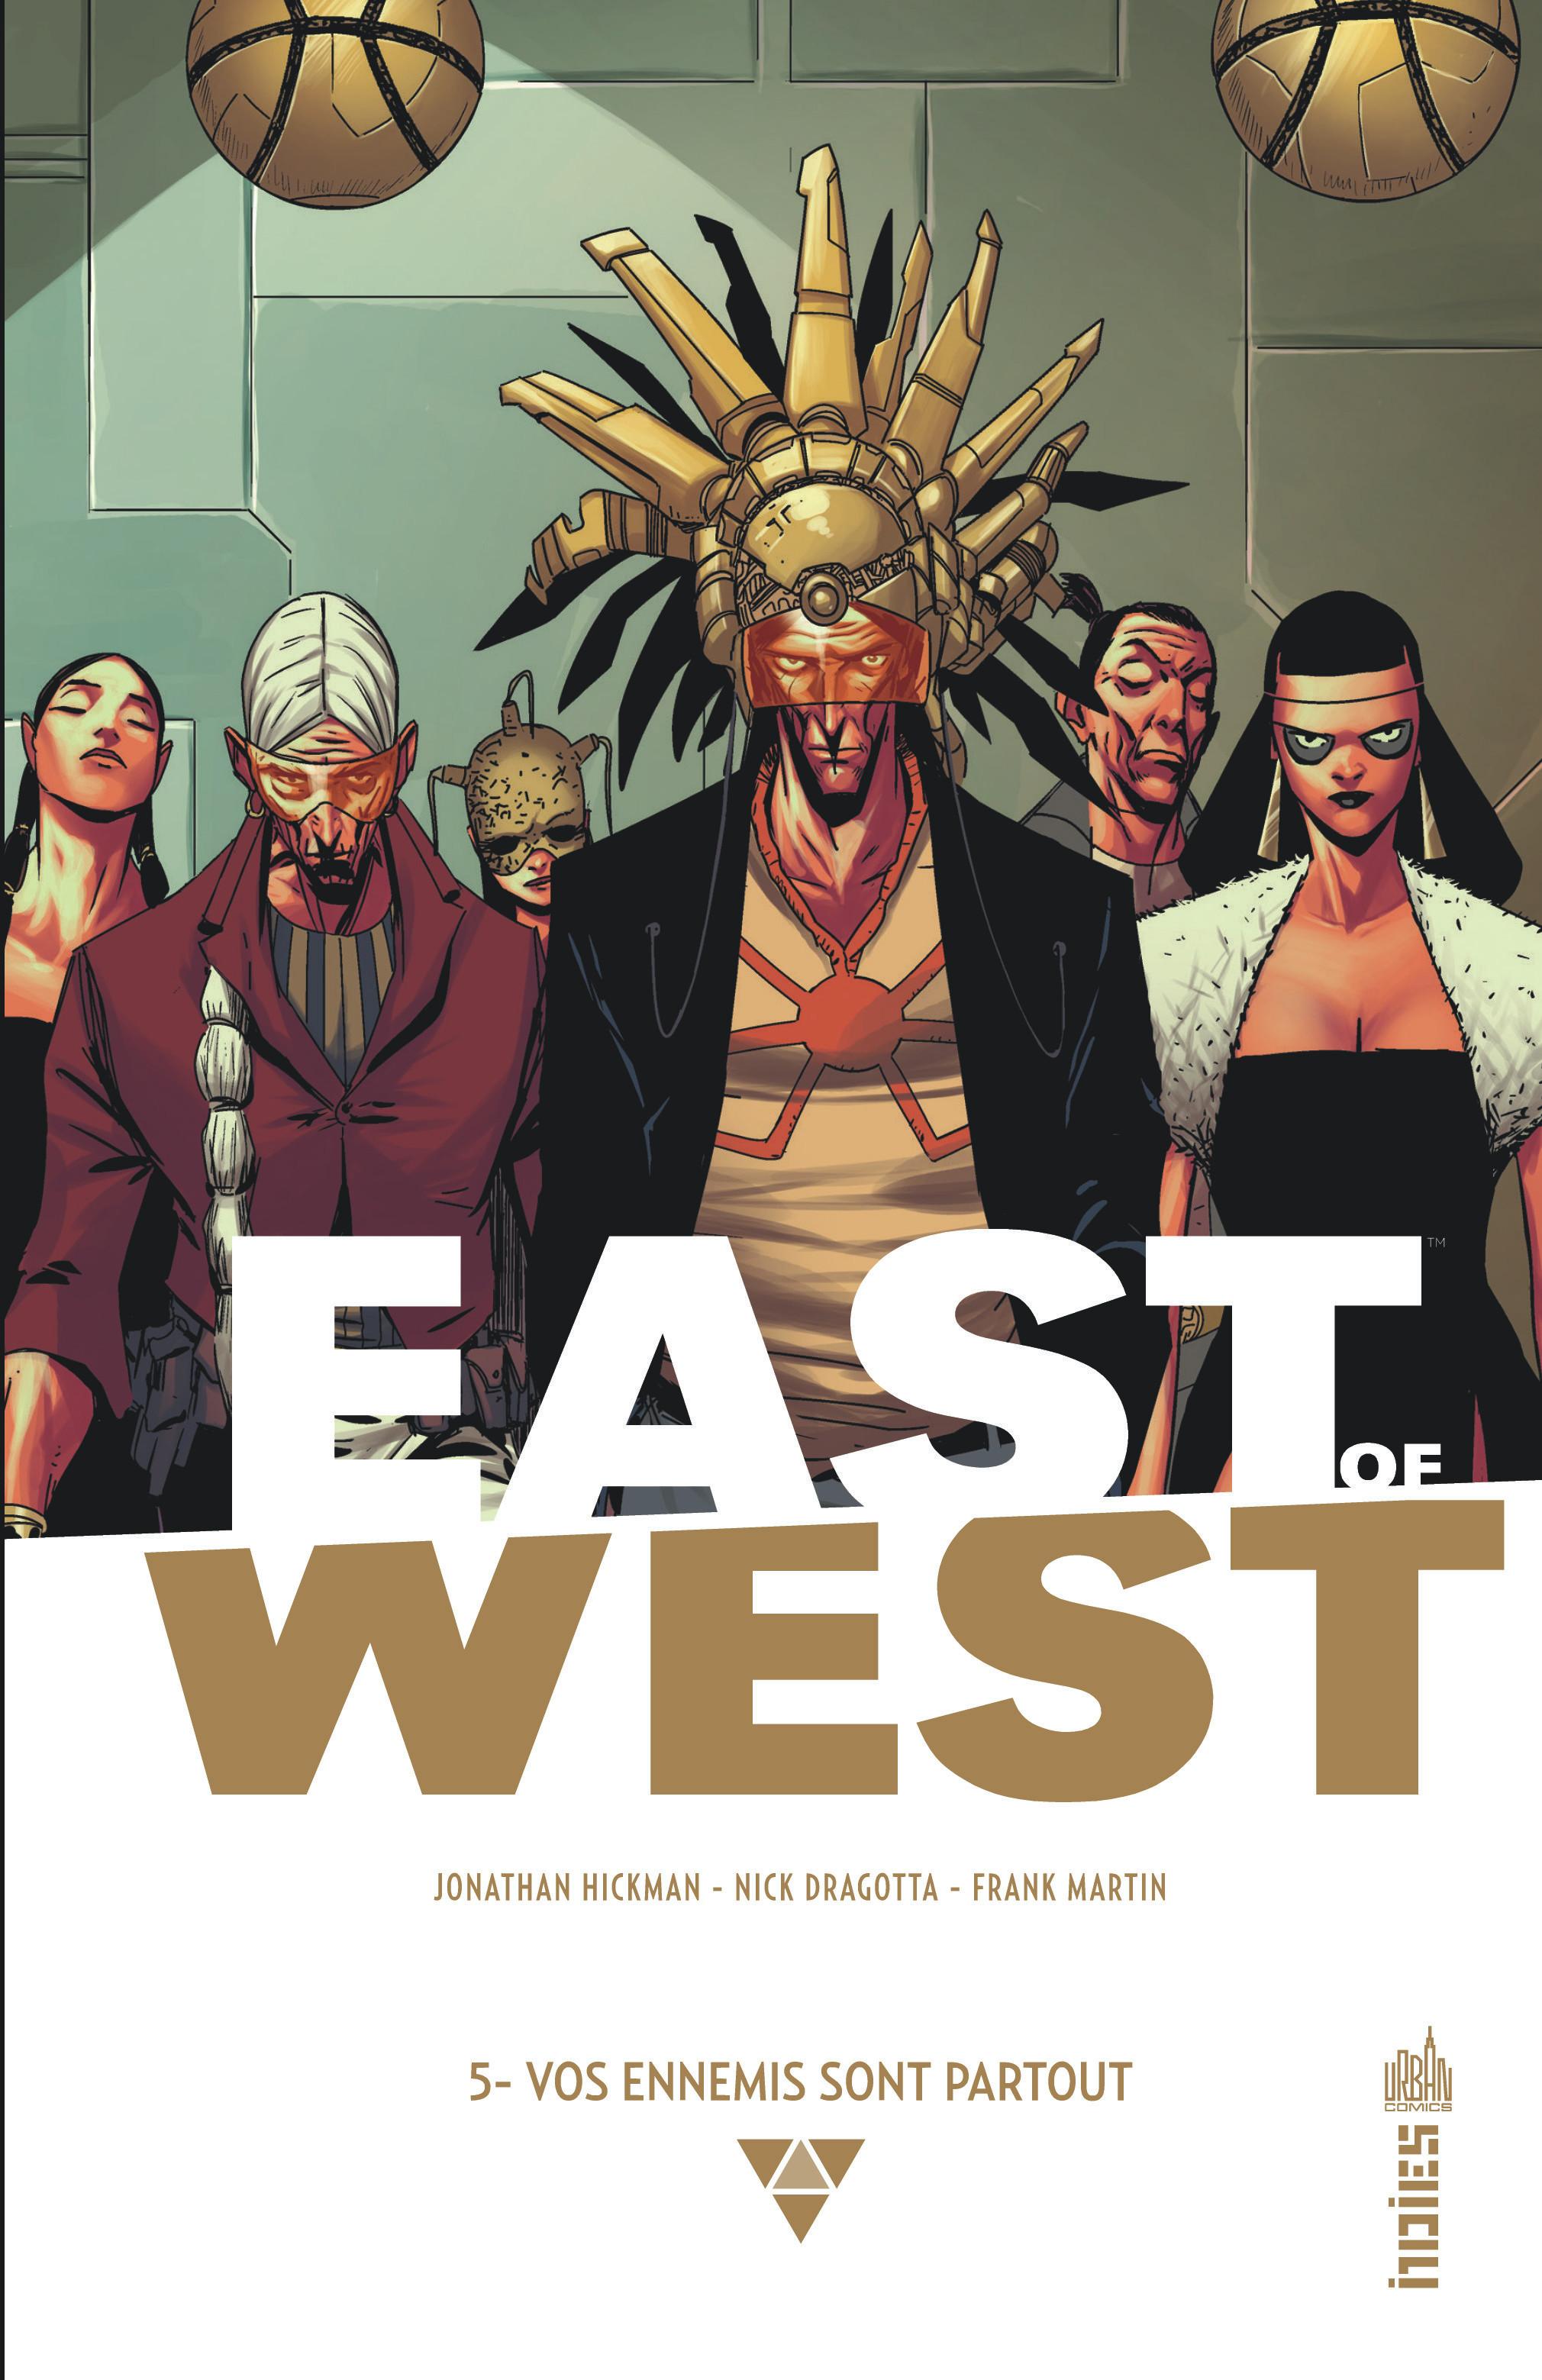 East of West 5 - Vos ennemis sont partout